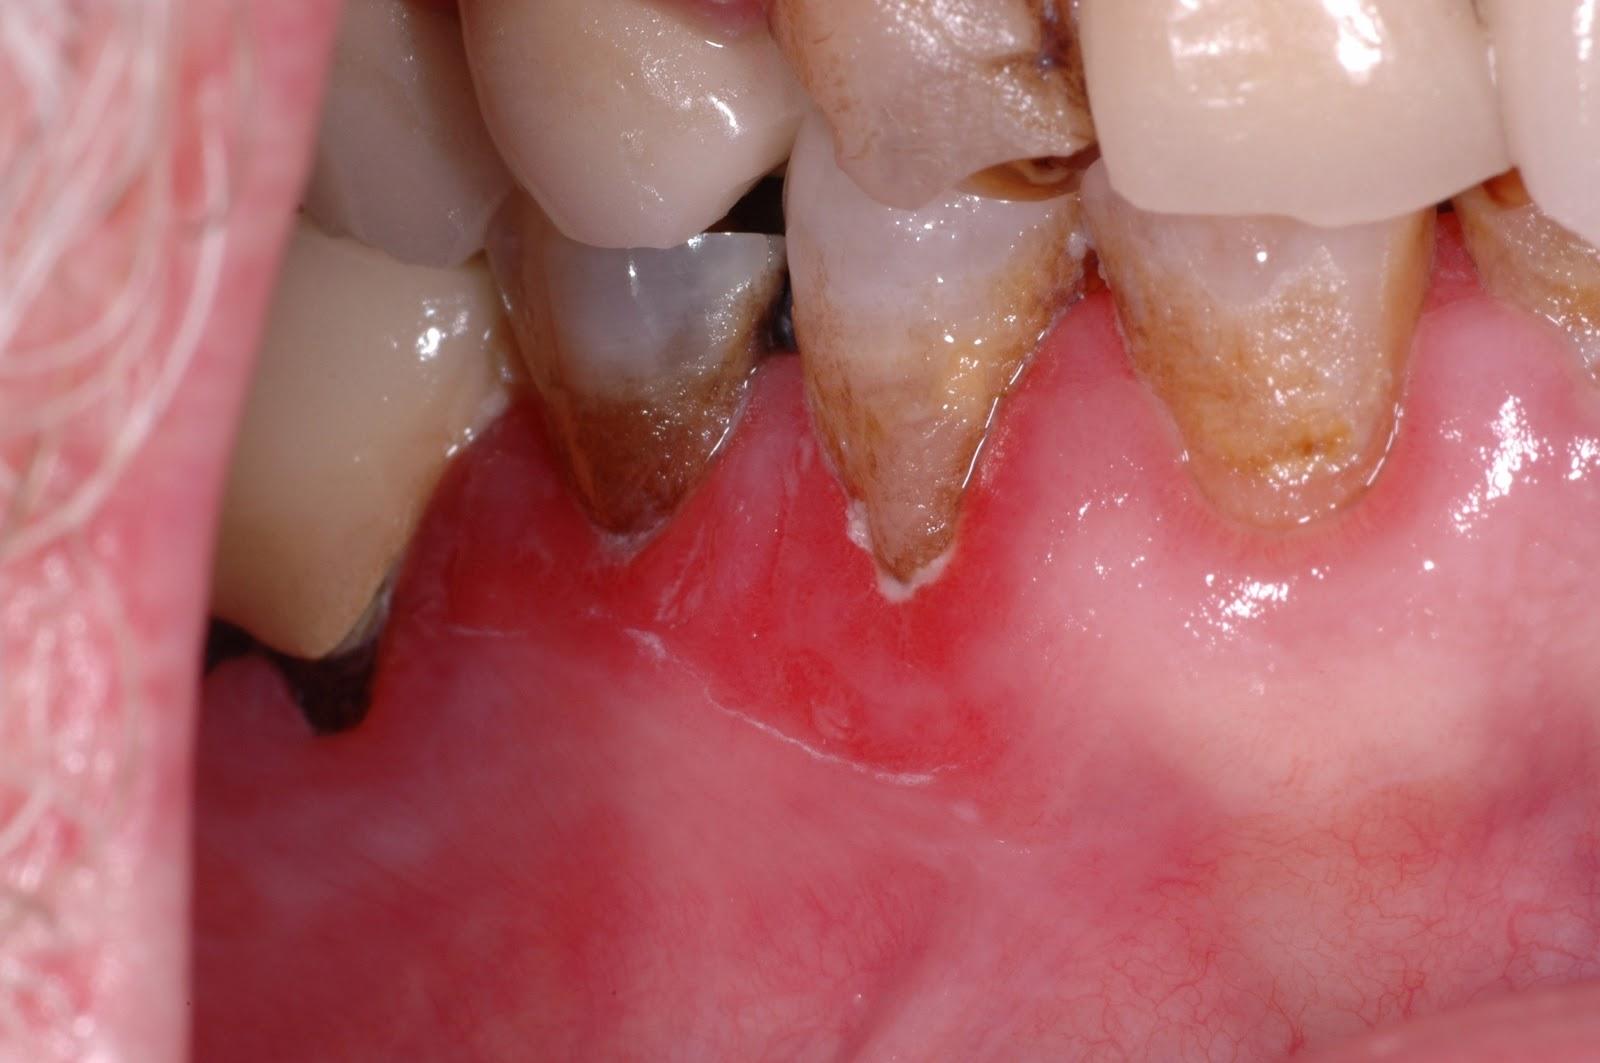 Opinion Oral lichen planus cancer opinion